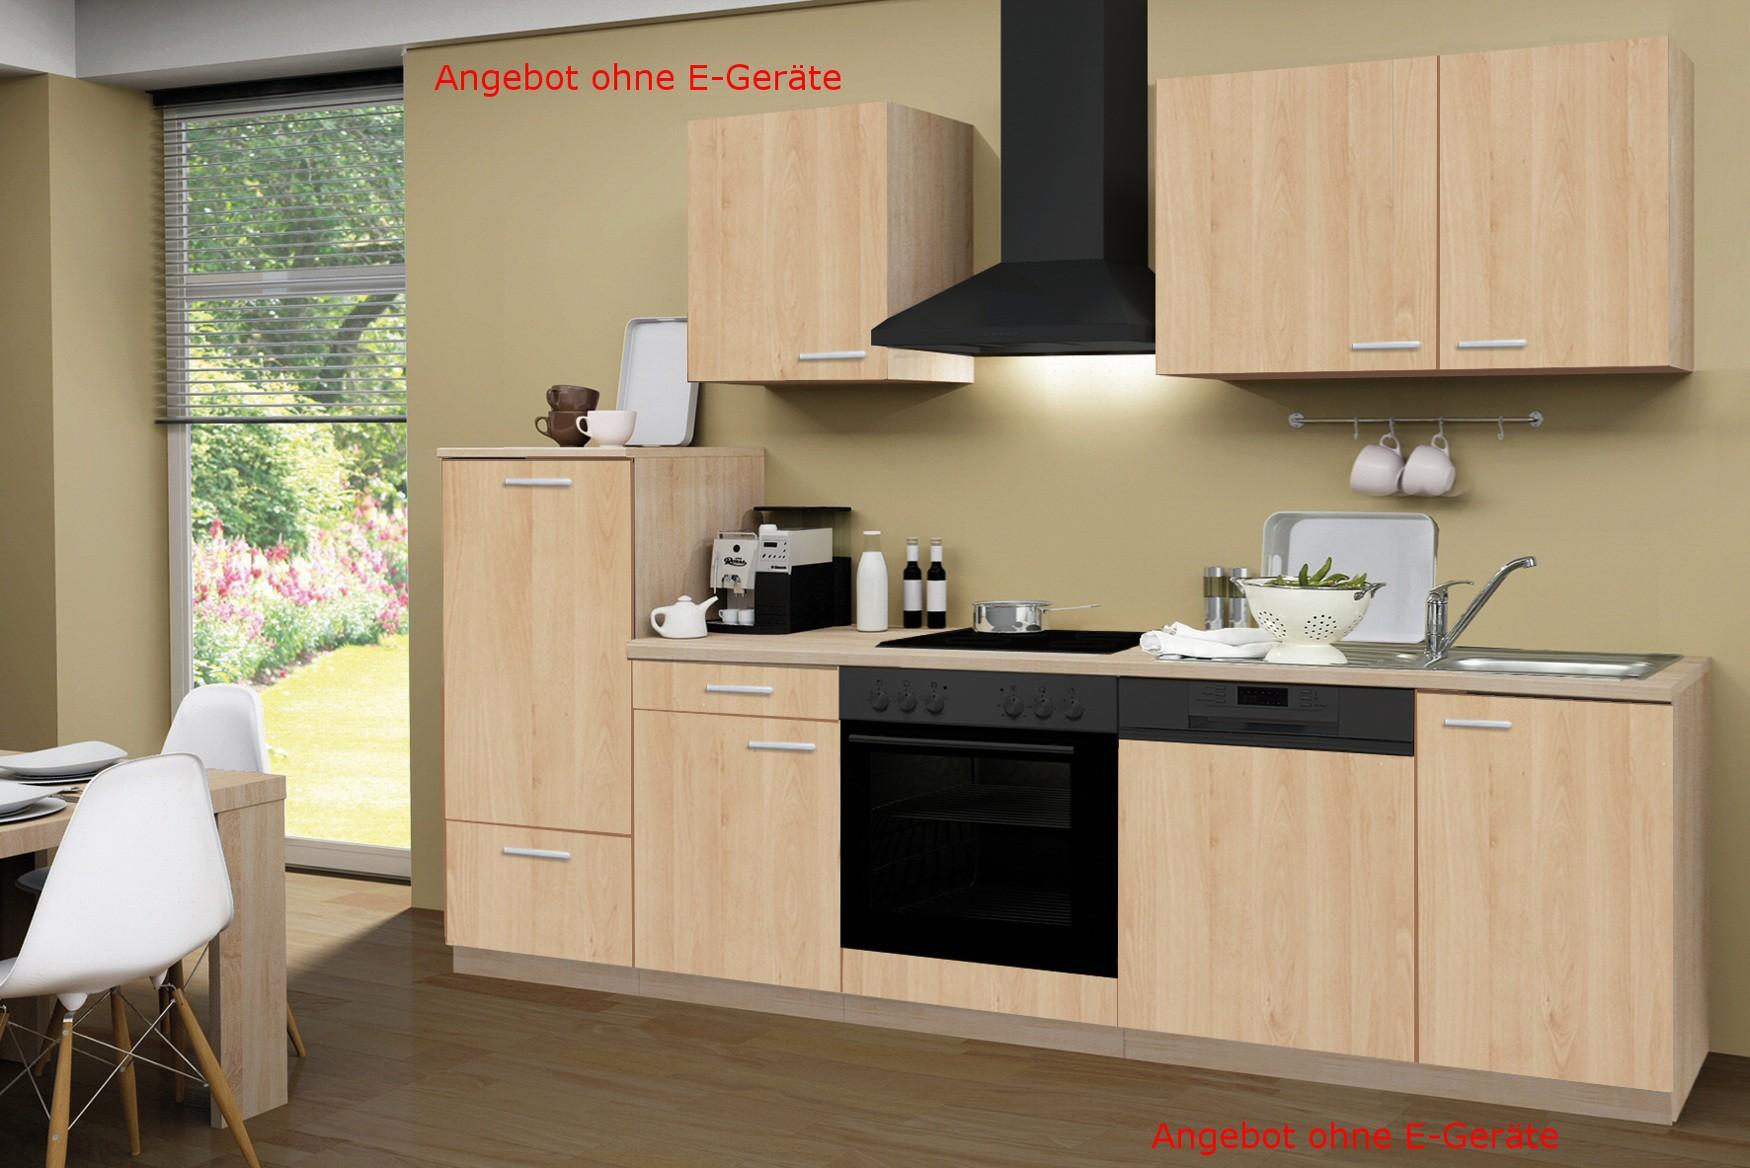 Full Size of Was Kostet Eine Küche Ohne Geräte Roller Küche Ohne Geräte Küche Ohne Geräte Online Kaufen Küche Ohne Geräte Preis Küche Küche Nolte